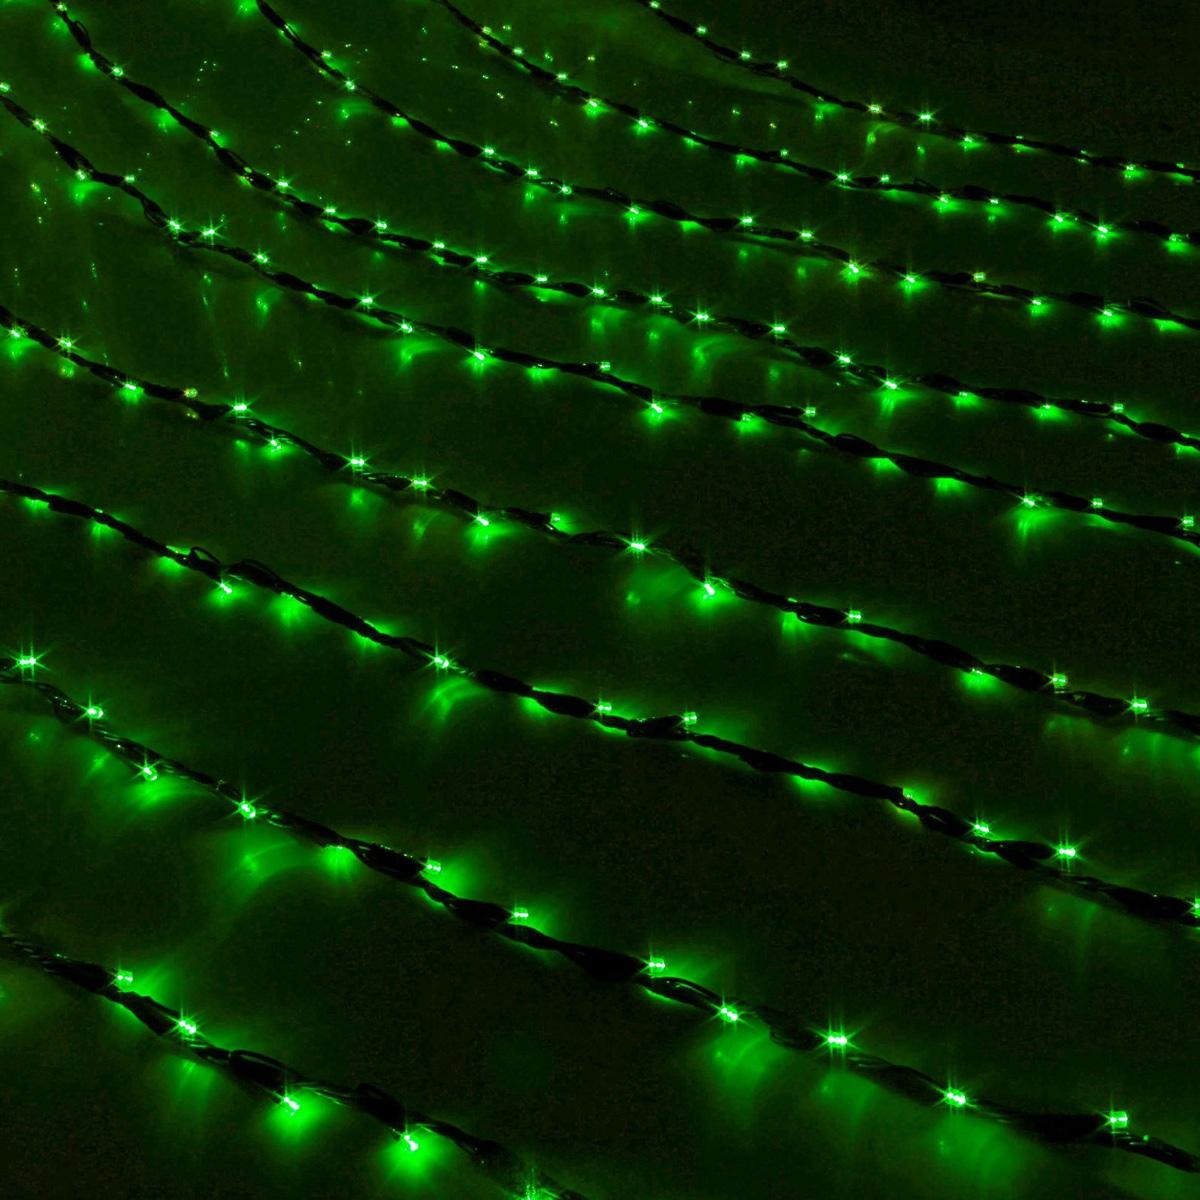 Гирлянда светодиодная Luazon Дождь, уличная, 8 режимов, 400 ламп, 220 V, цвет: зеленый, 2 х 1,5 м. 187294187294Гирлянда светодиодная Дождь - это отличный вариант для новогоднего оформления интерьера или фасада. С ее помощью помещение любого размера можно превратить в праздничный зал, а внешние элементы зданий, украшенные гирляндой, мгновенно станут напоминать очертания сказочного дворца. Такое украшение создаст ауру предвкушения чуда. Деревья, фасады, витрины, окна и арки будто специально созданы, чтобы вы украсили их светящимися нитями.